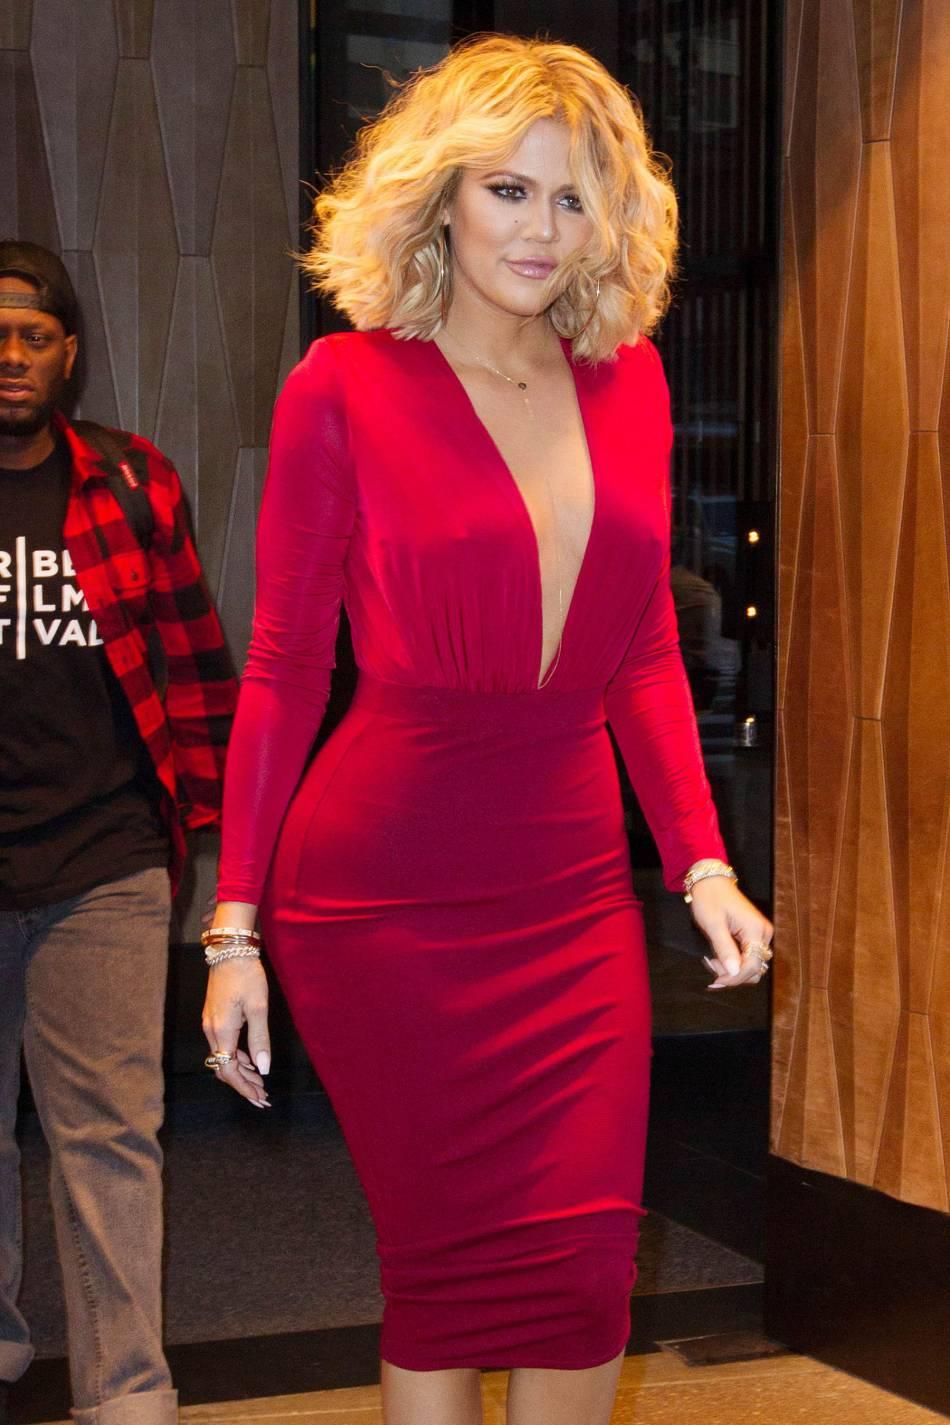 """Khloe Kardashian affiche fièrement sa silhouette ou plutôt ce qu'elle aime appeler son """"revenge body""""."""